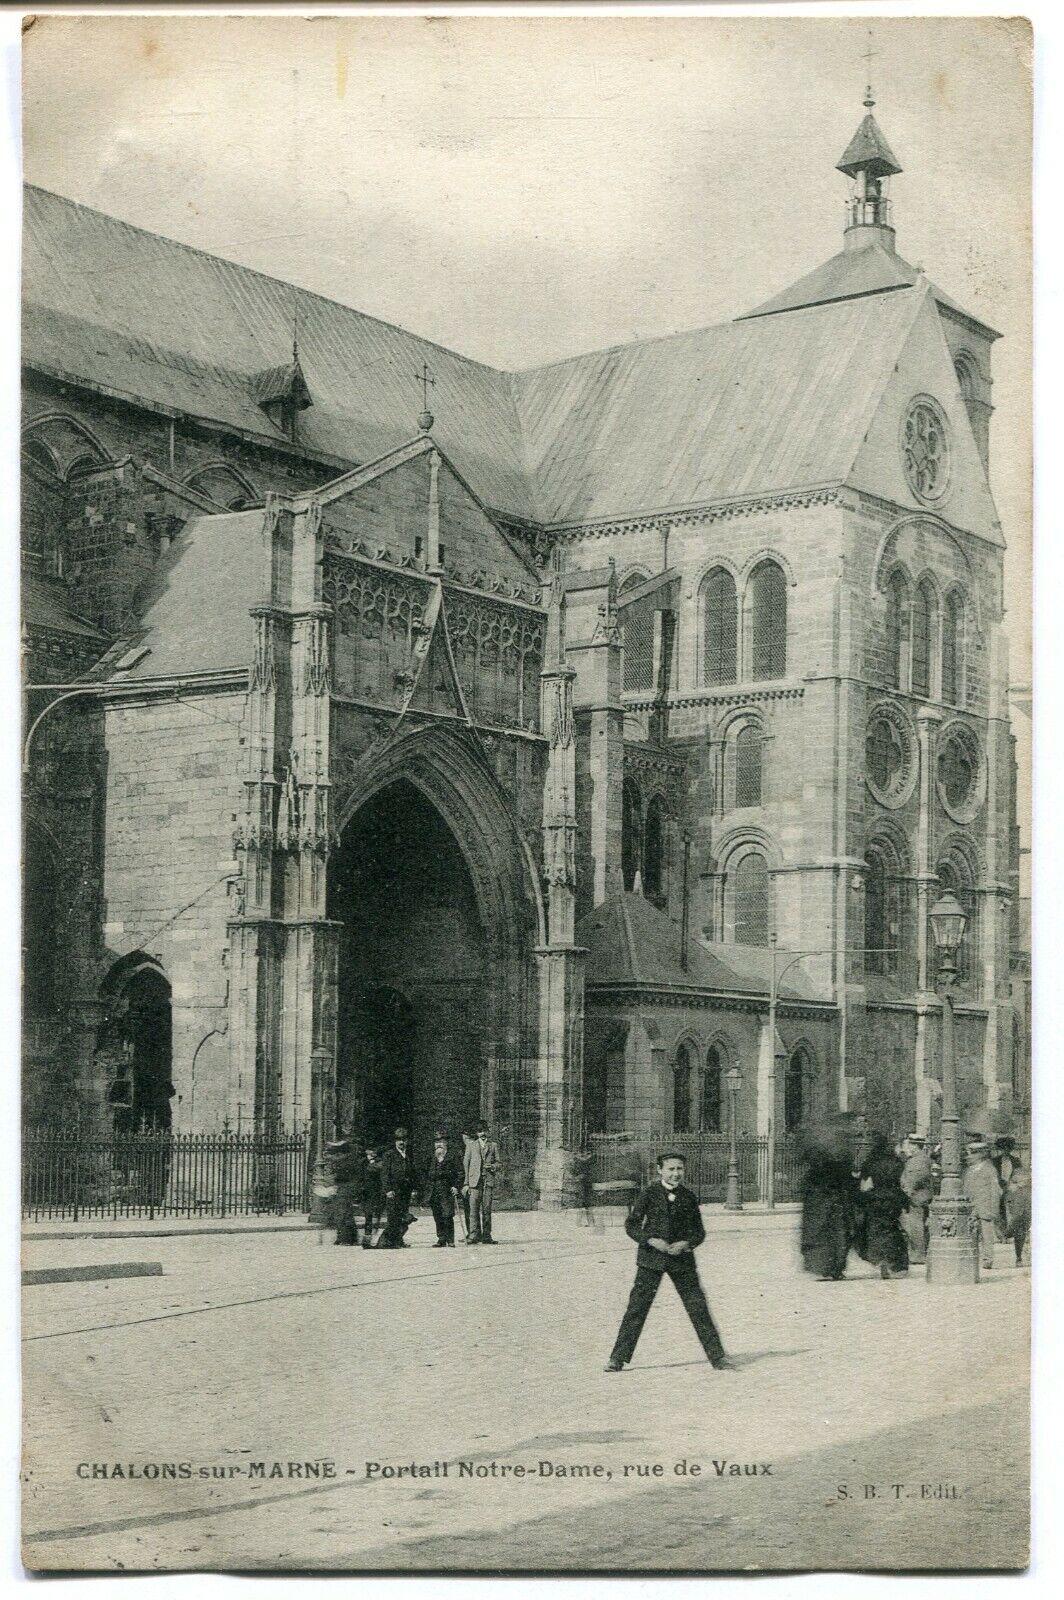 CPA - Carte Postale - France - Chalon sur Marne - Portail Notre Dame - Rue de Va